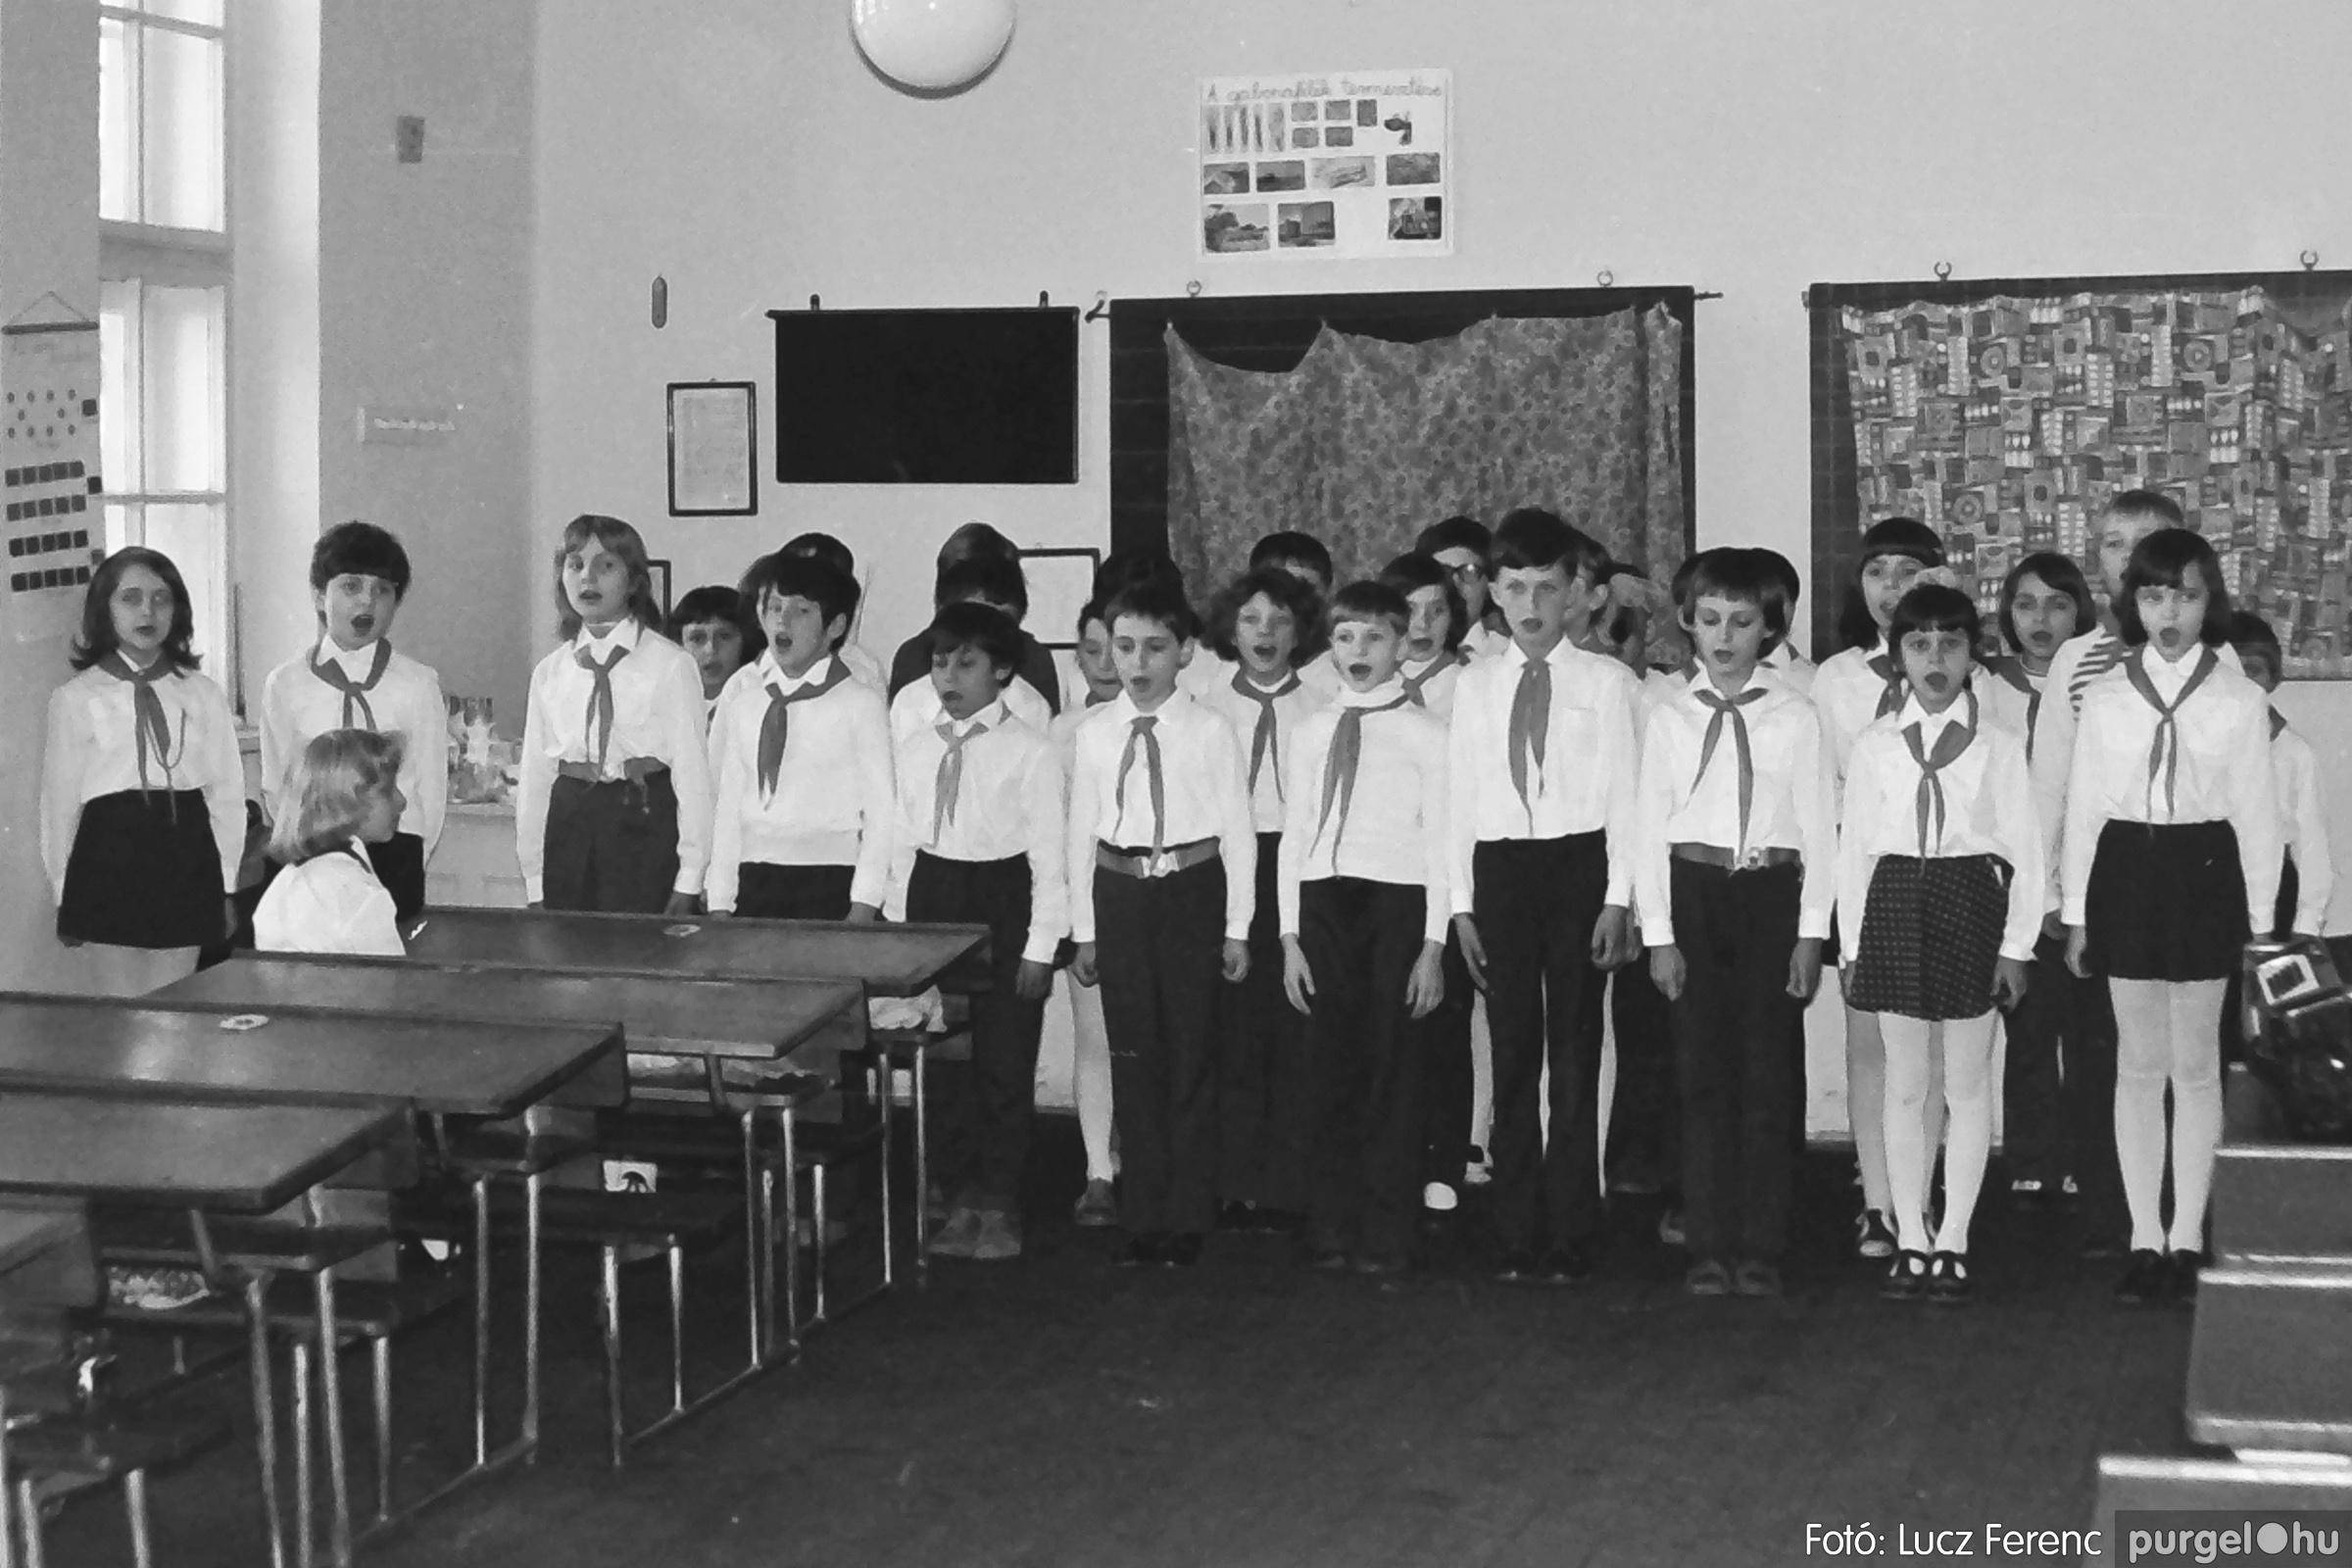 042-043. 1976. Program az újfalusi iskolában 015. - Fotó: Lucz Ferenc - IMG00291q.jpg